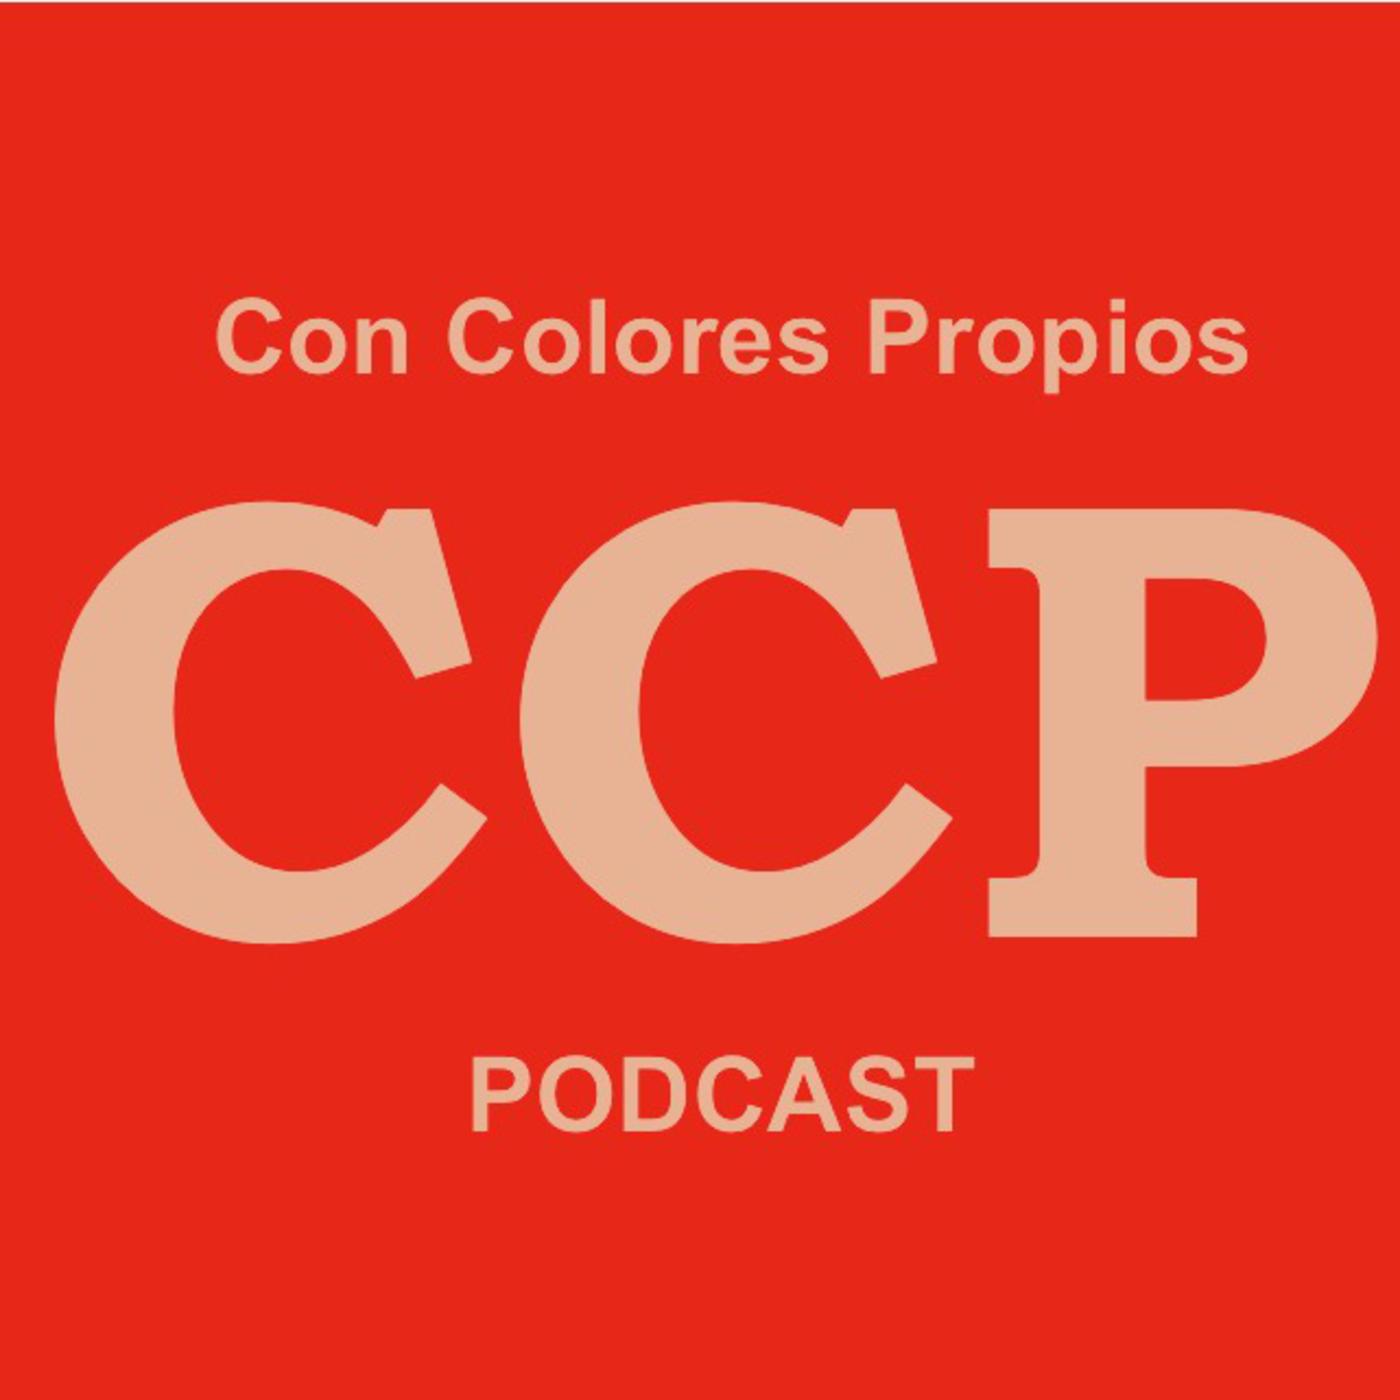 Con Colores Propios